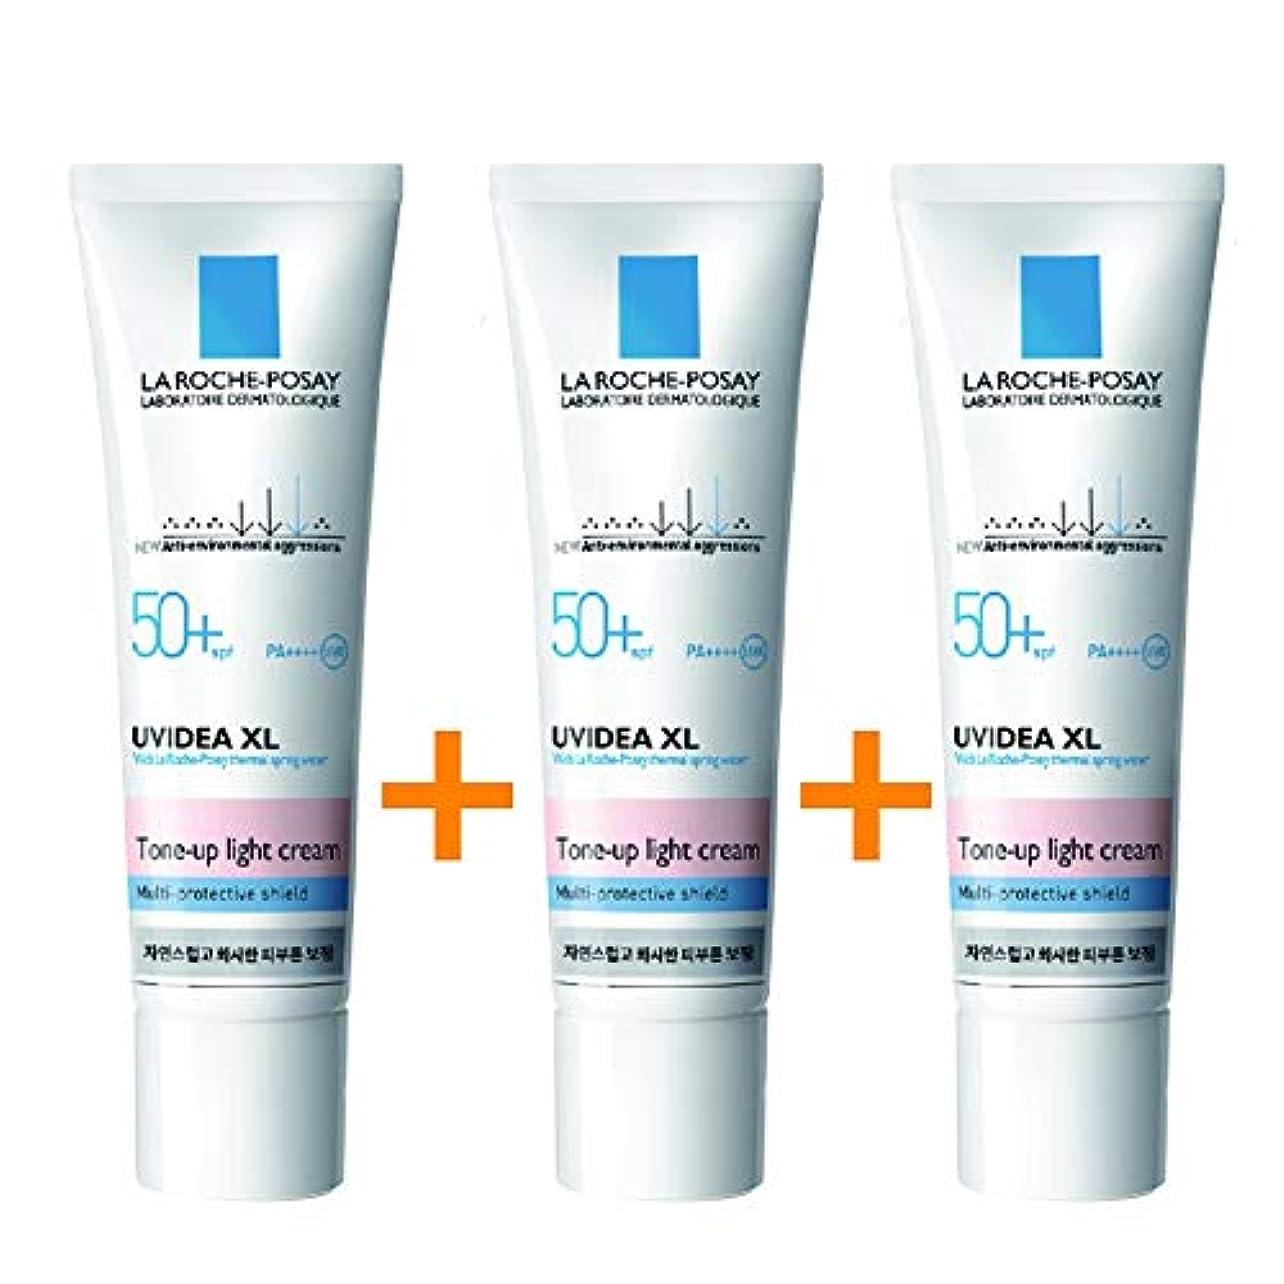 通行料金海峡ひも吸収[3個セット] La Roche-Posay ラロッシュポゼ UVイデア XL プロテクショントーンアップ Uvidea XL Tone-up Light Cream (30ml)